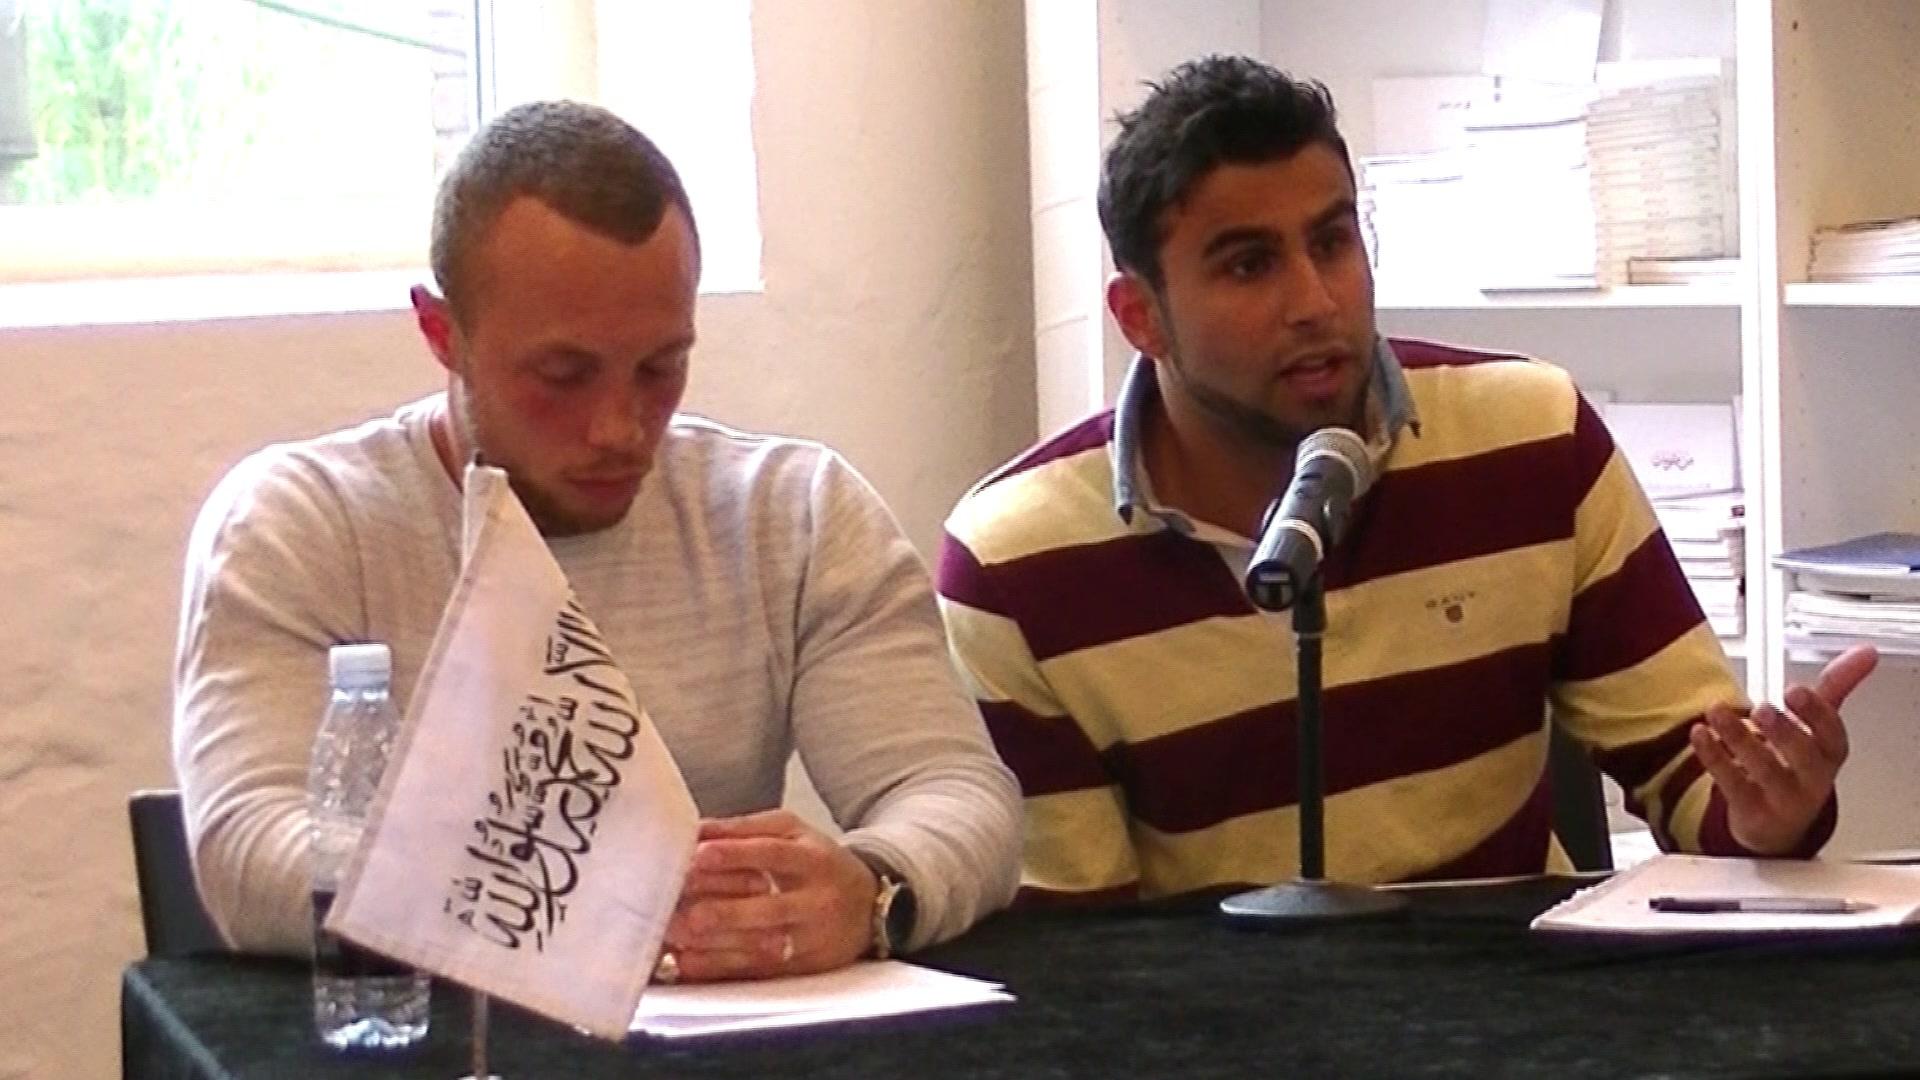 http://hizb-ut-tahrir.dk/video/images/5759476293589.jpg